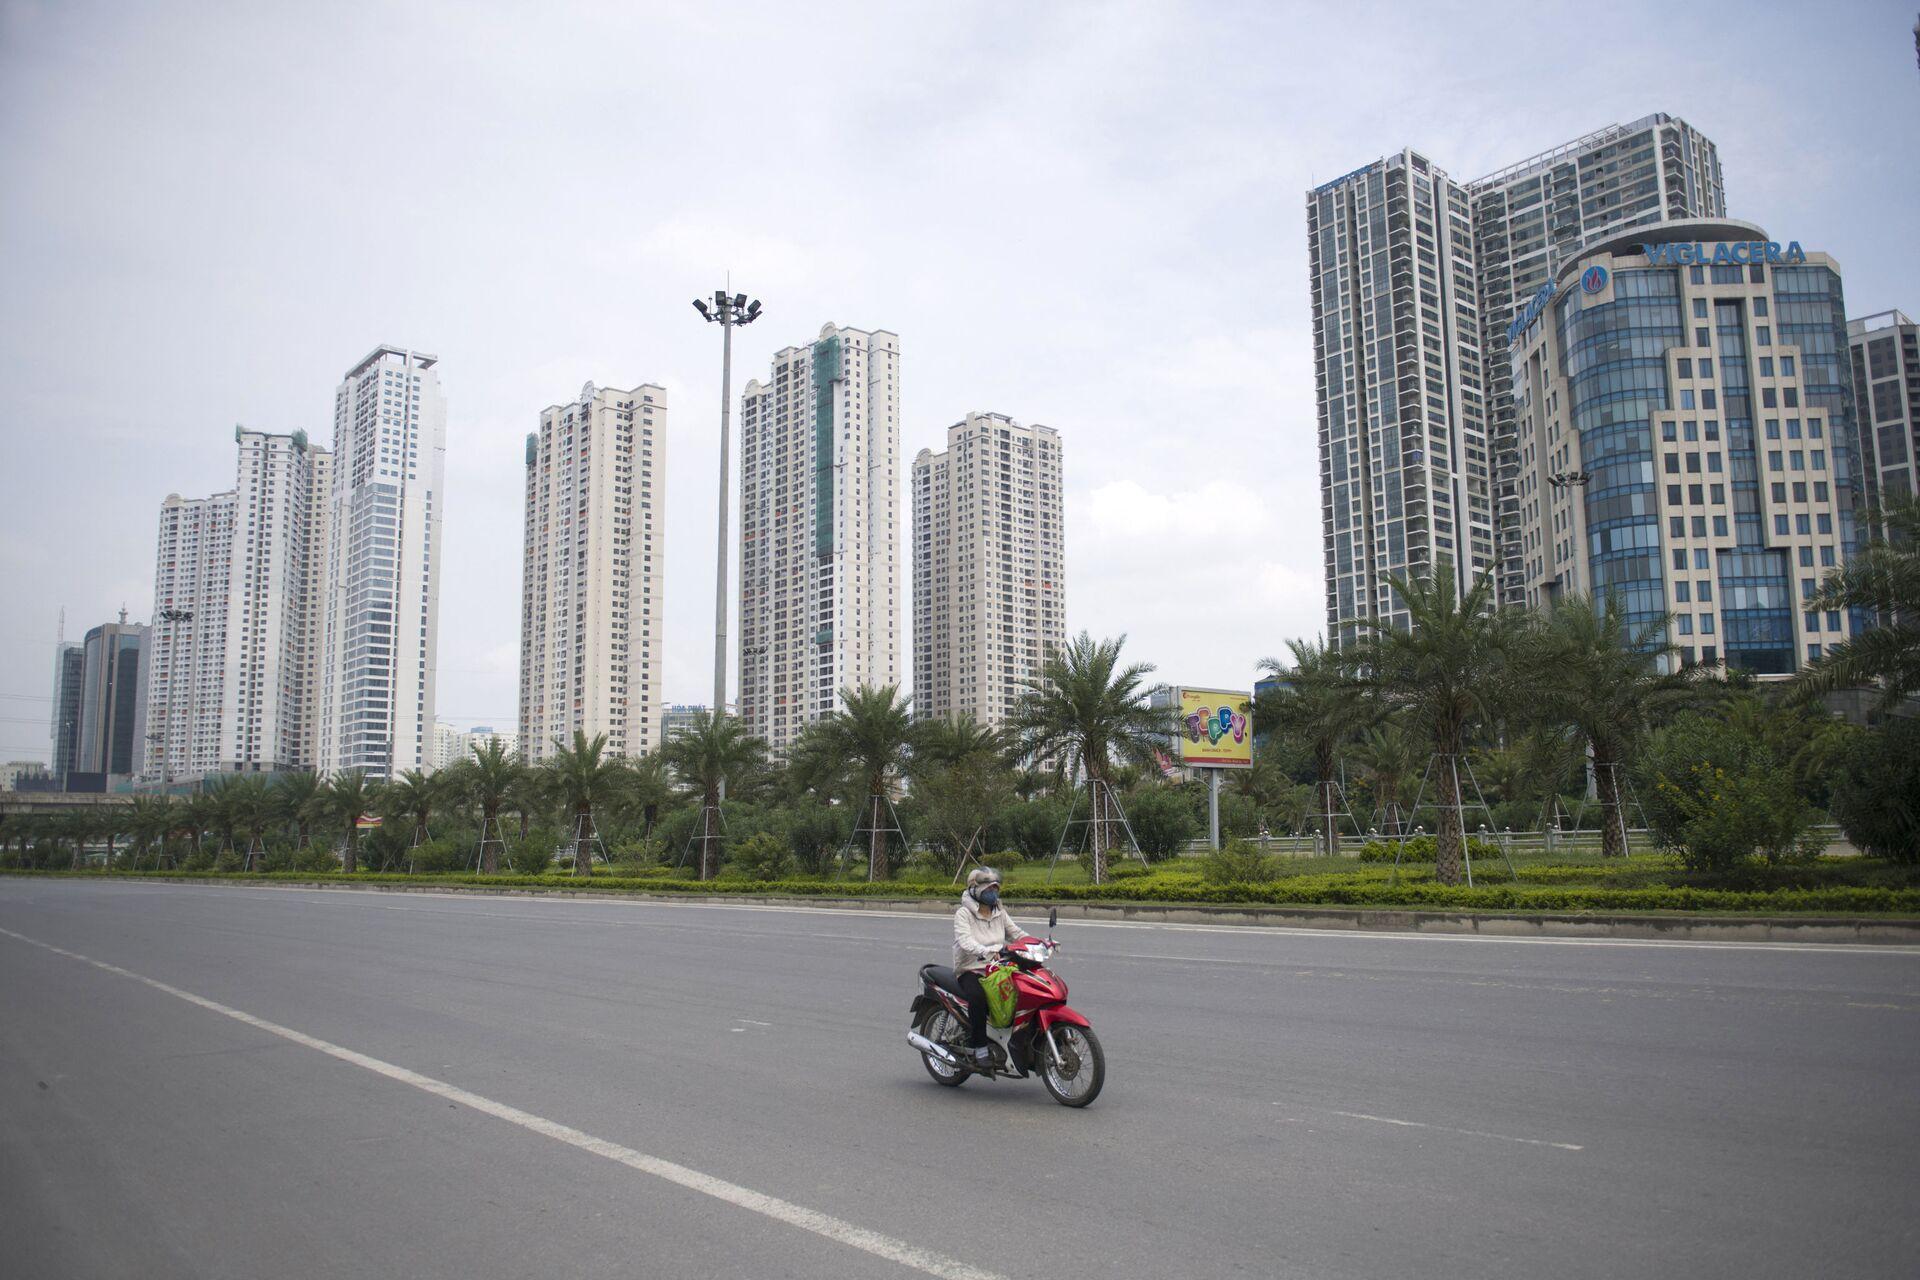 Đất ít, người đông, 'cơn sốt' giá: Bức tranh thị trường bất động sản Việt Nam - Sputnik Việt Nam, 1920, 07.04.2021